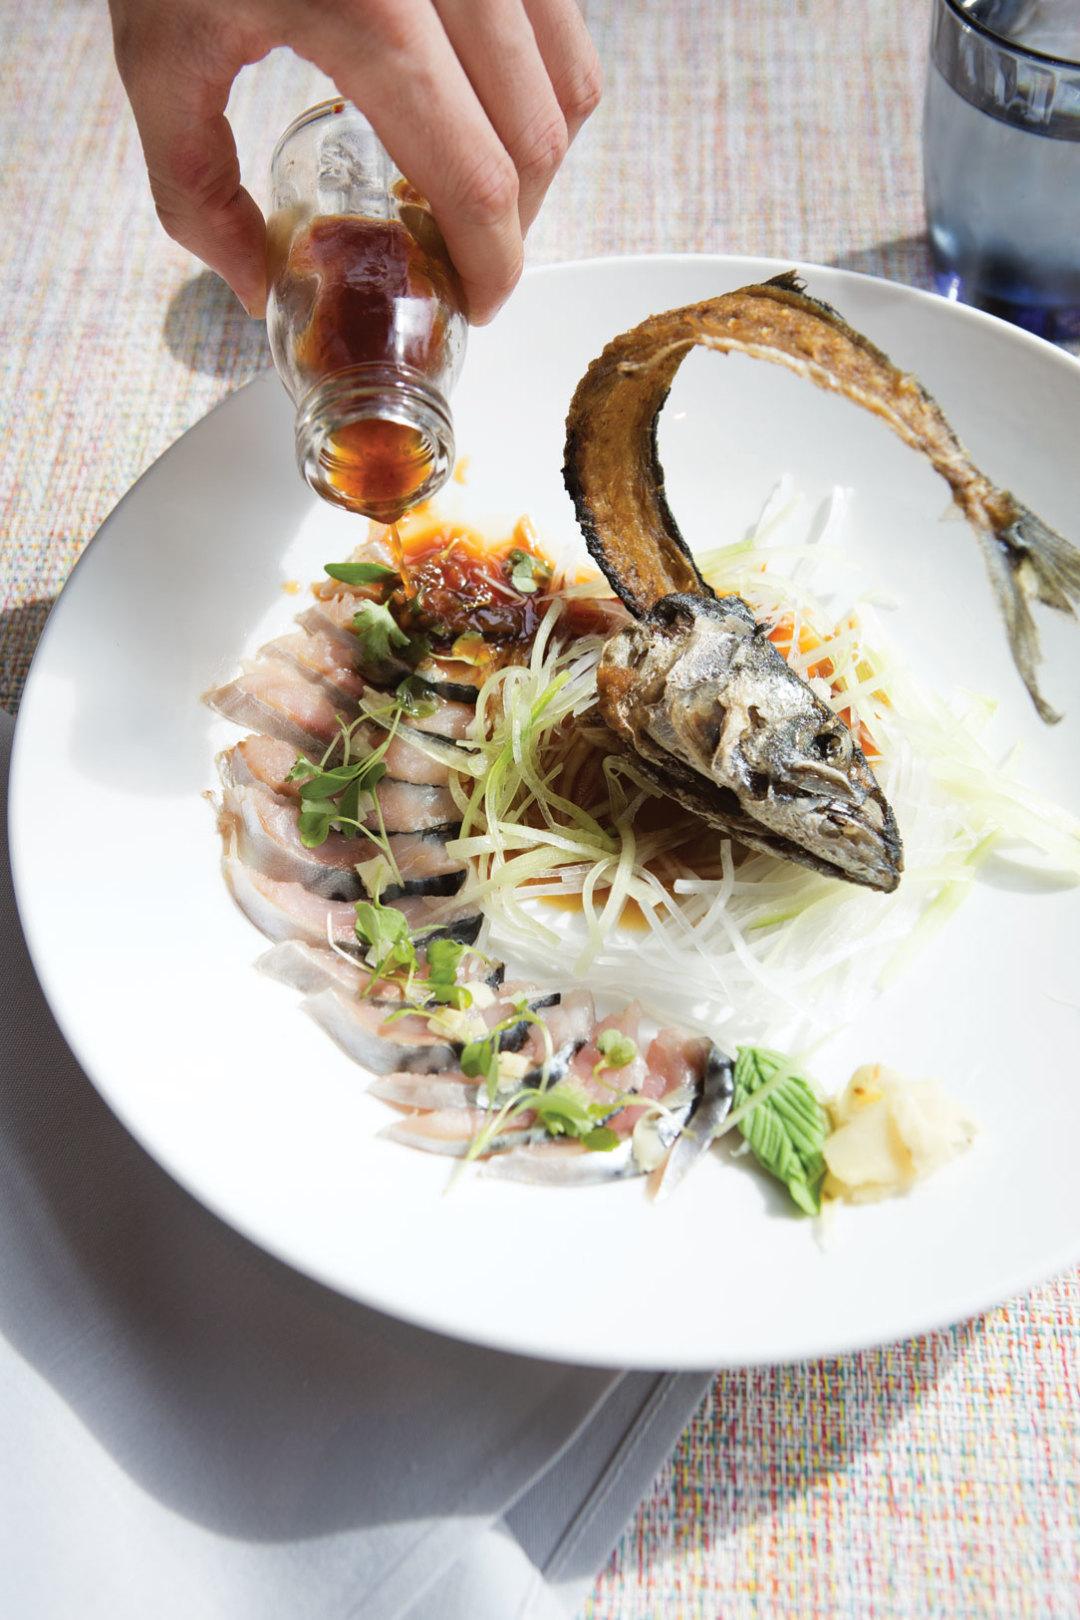 0815 table peska seafood msawu6